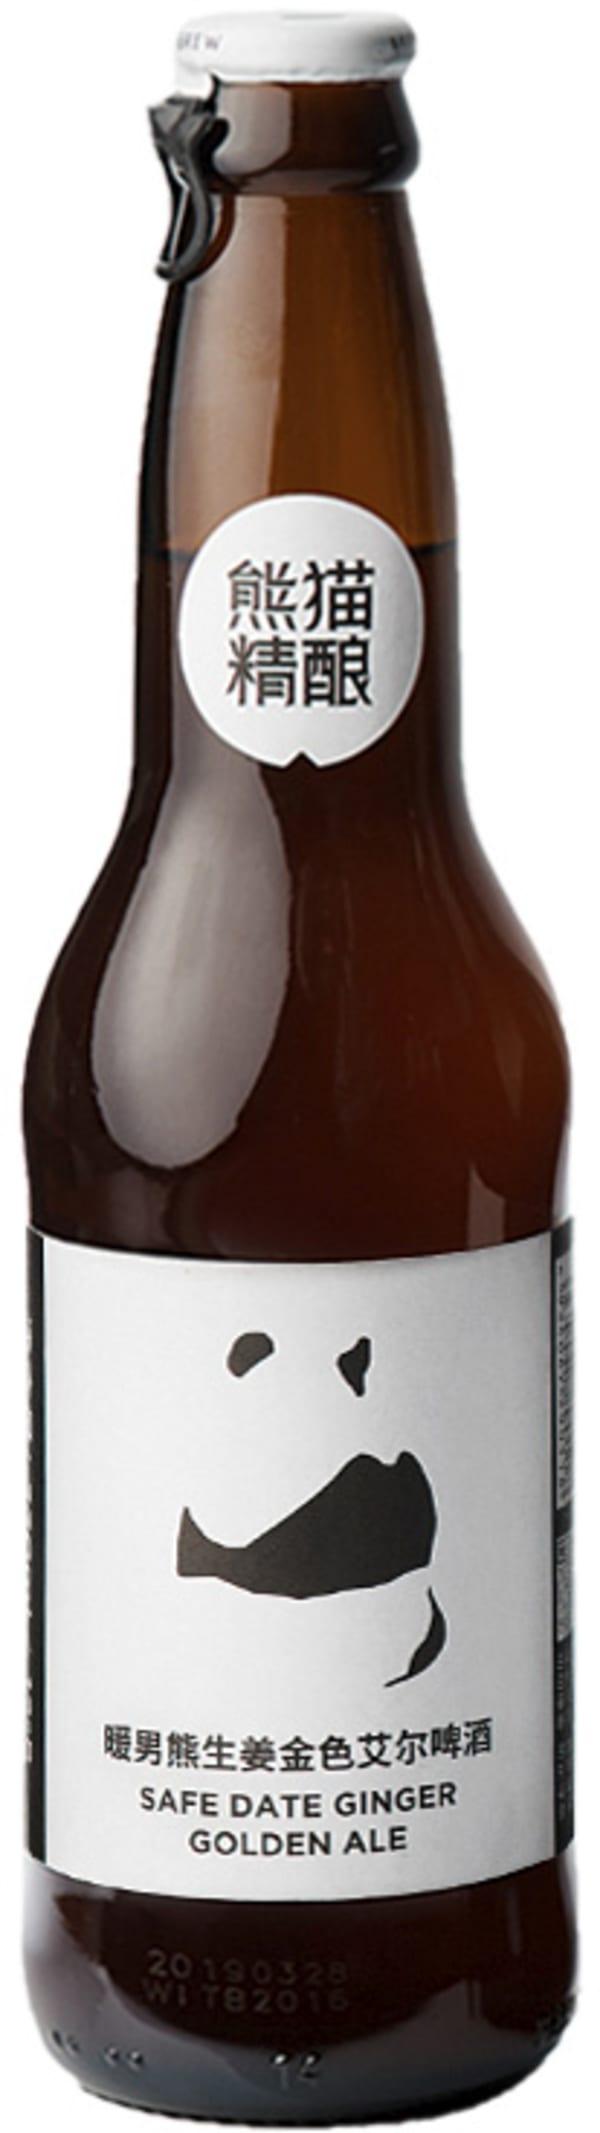 Panda Safe Date Ginger Golden Ale